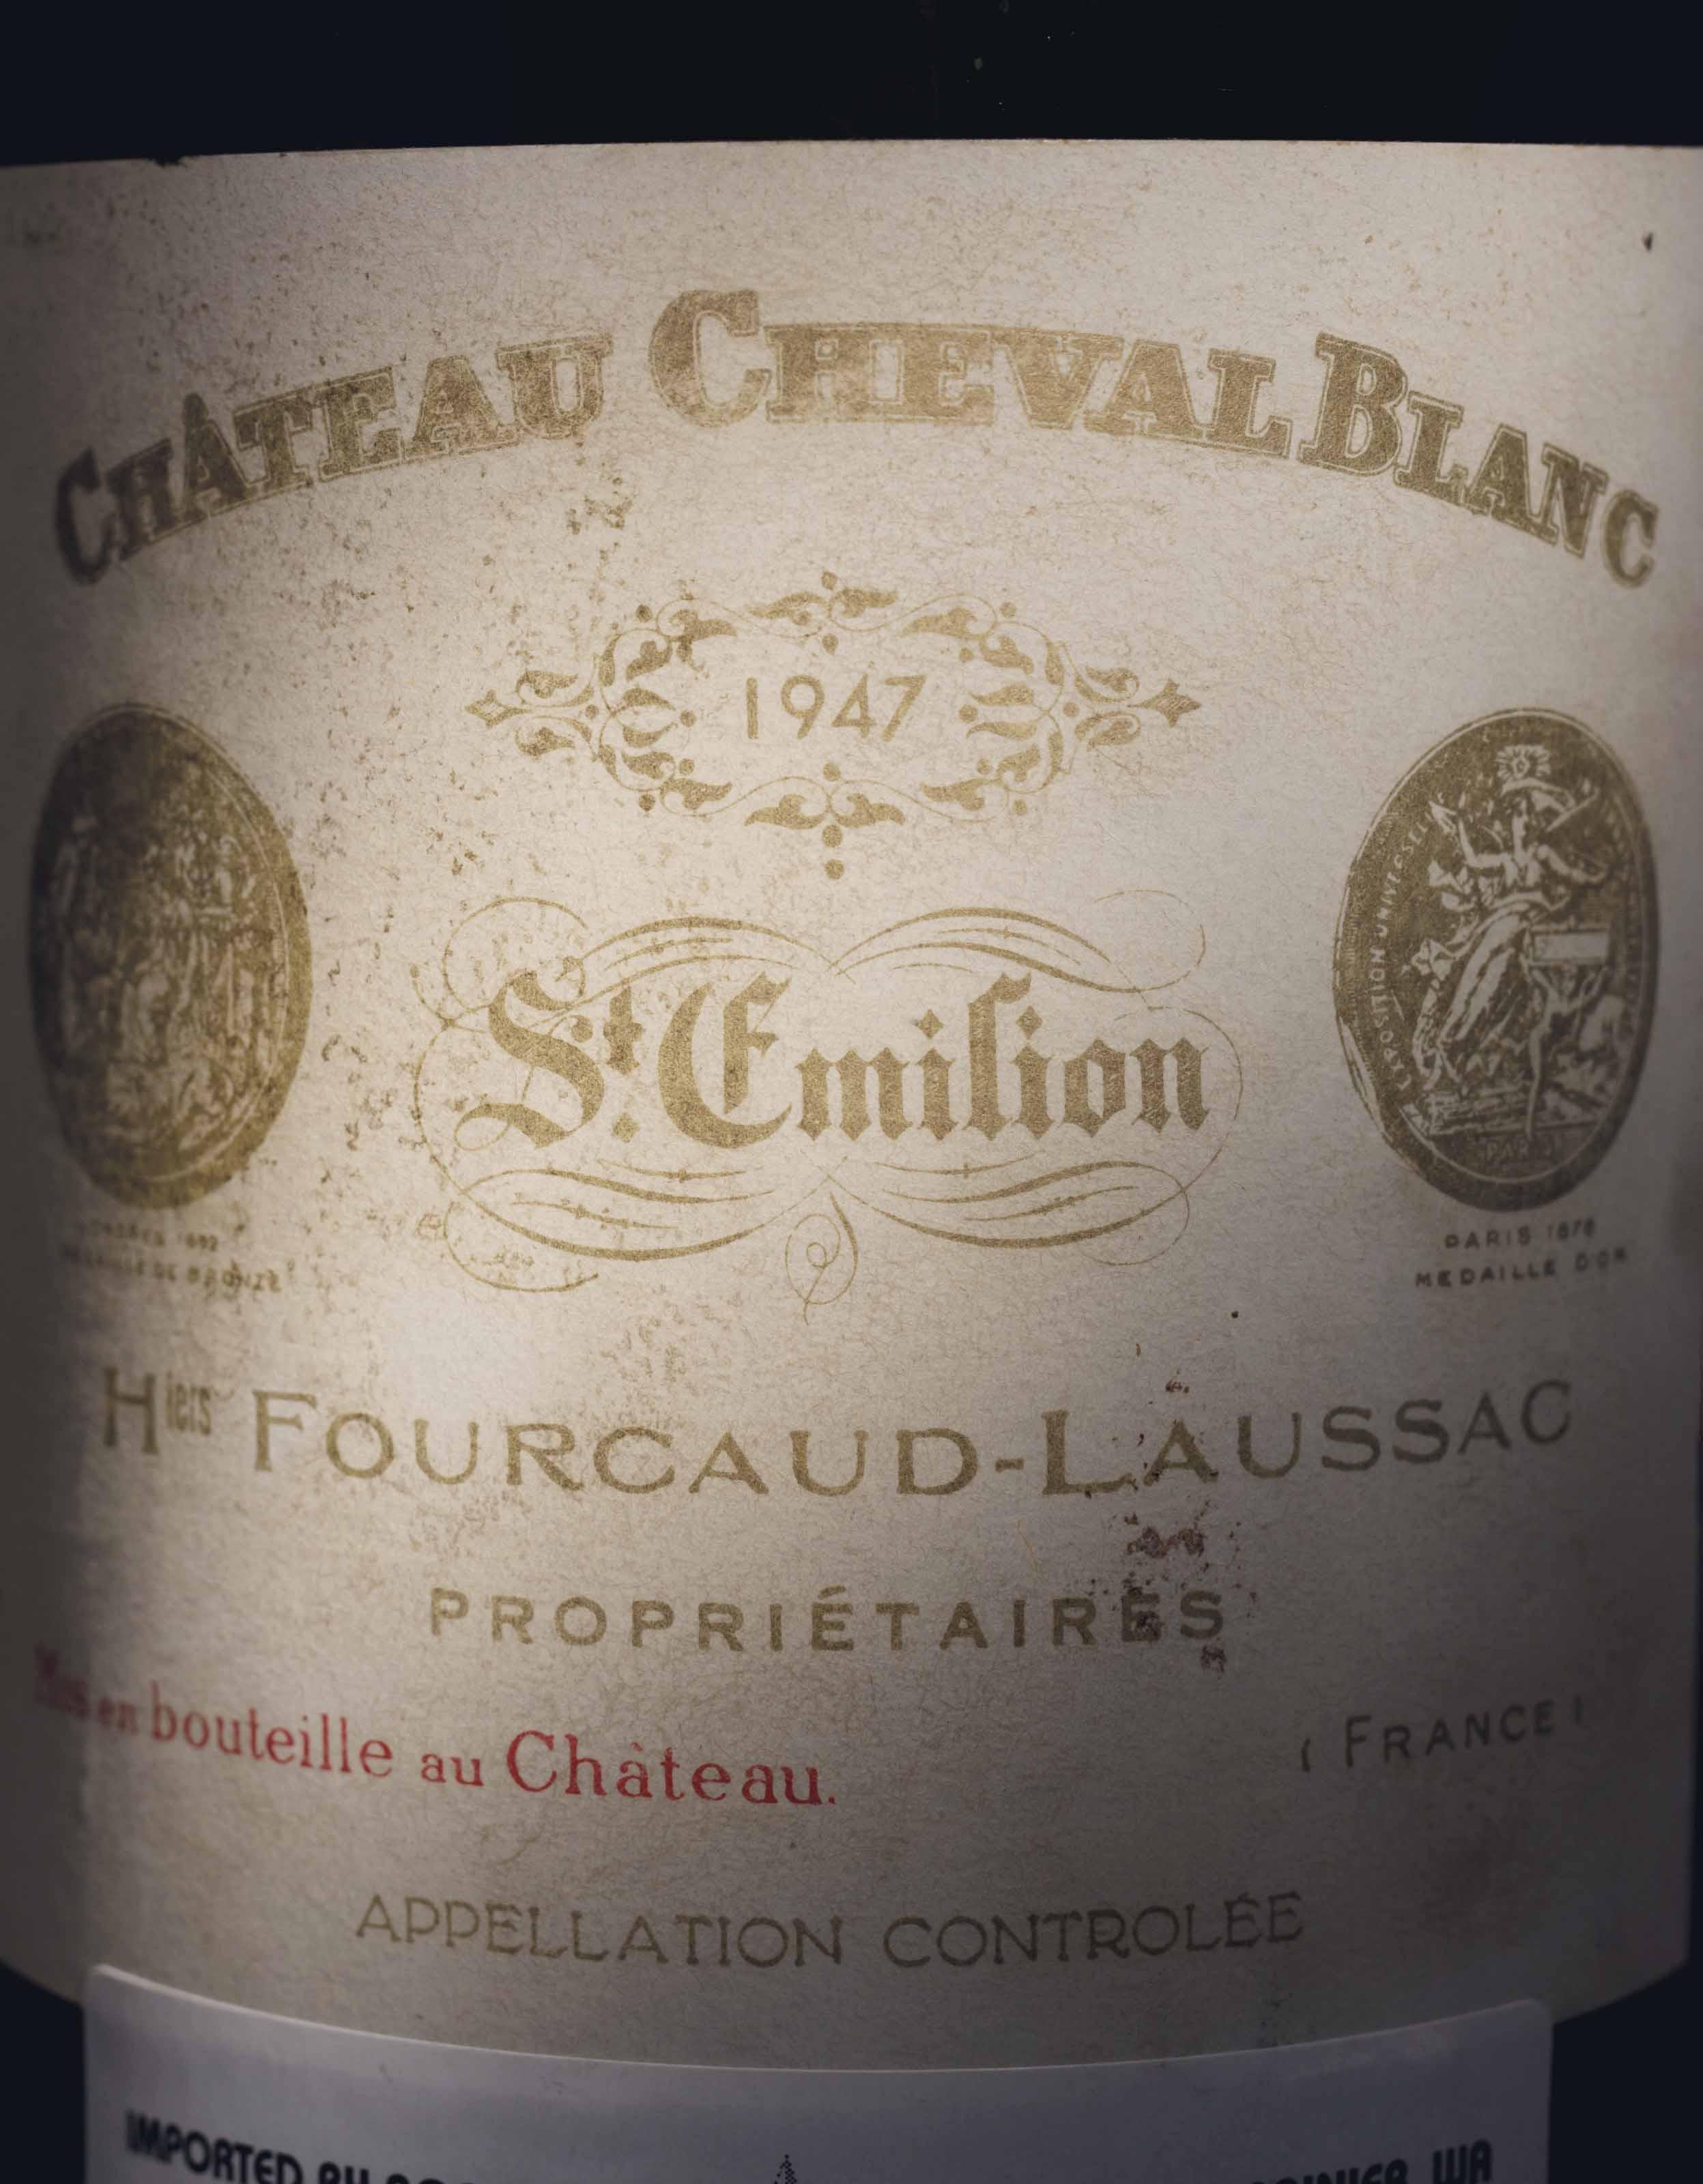 Château Cheval-Blanc 1947